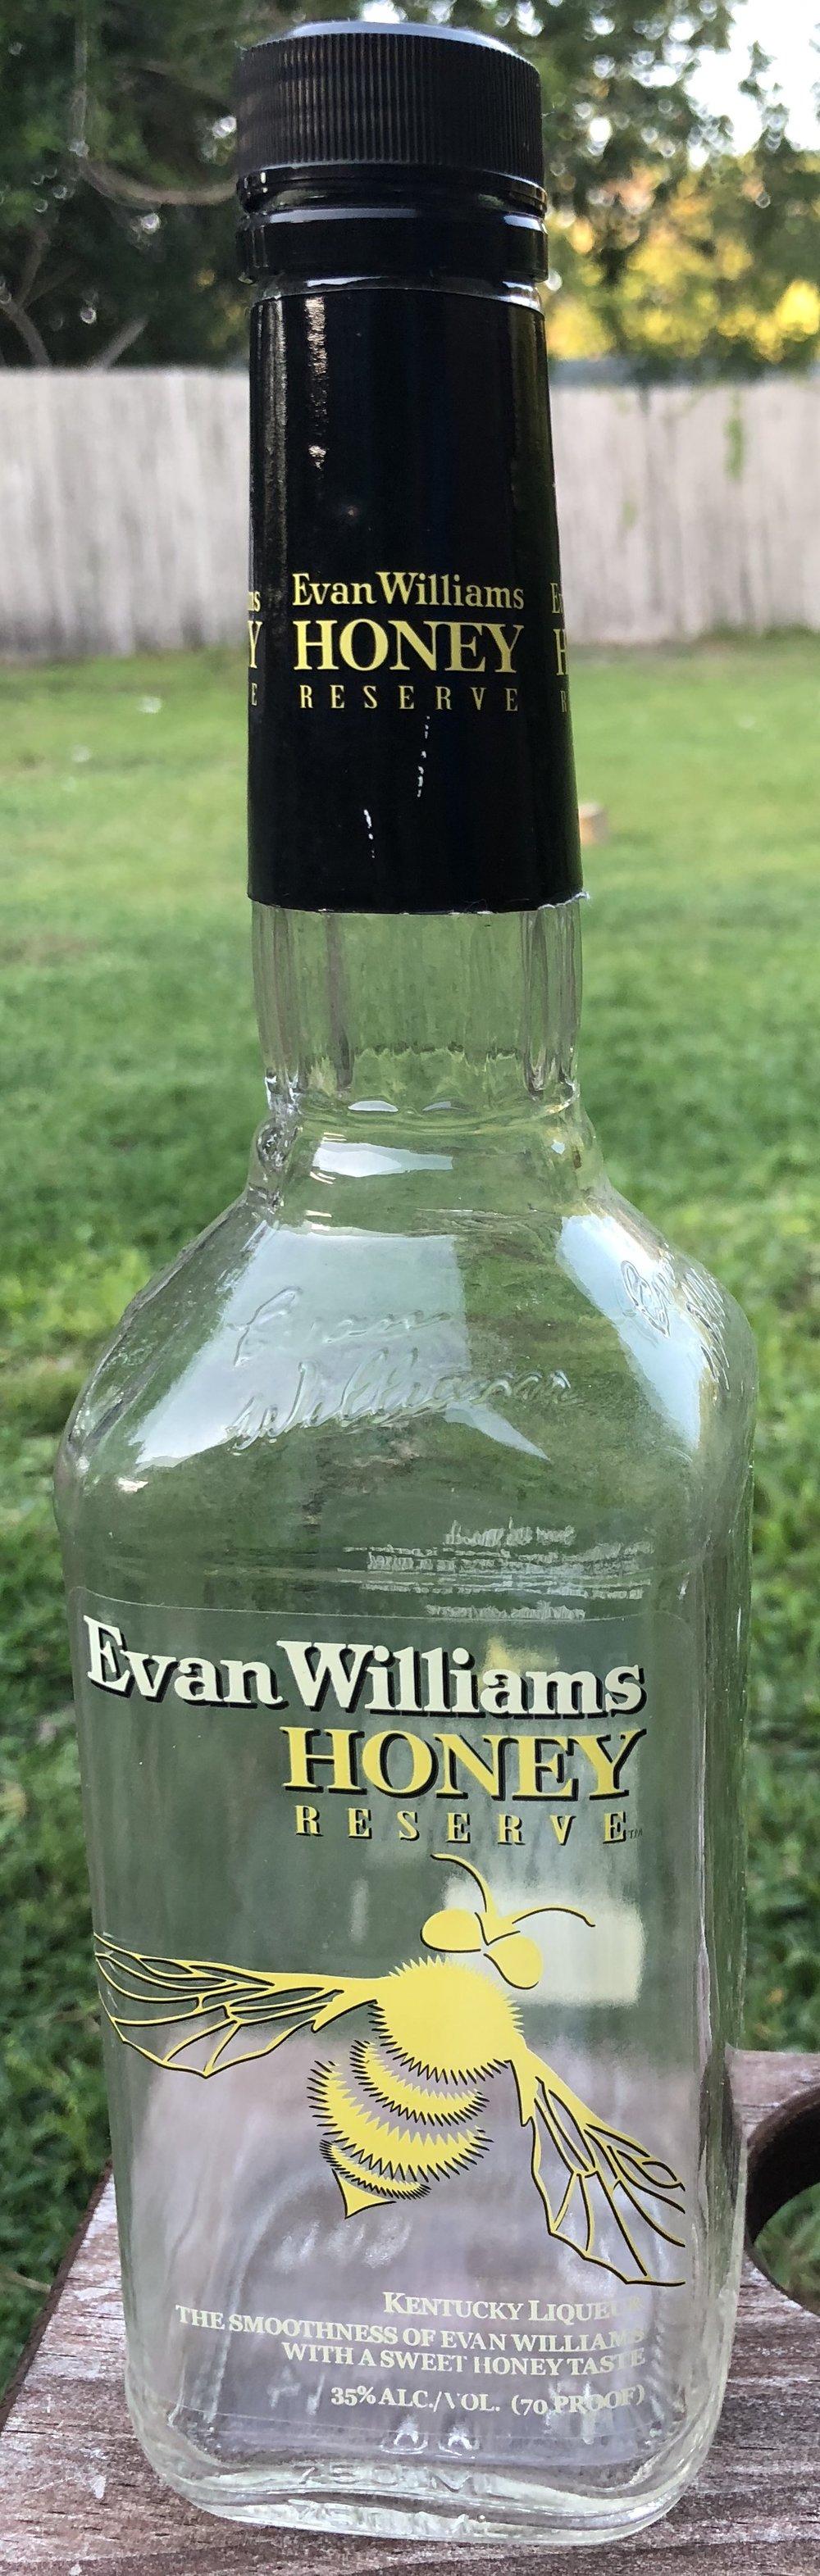 Even Williams Honey.jpg